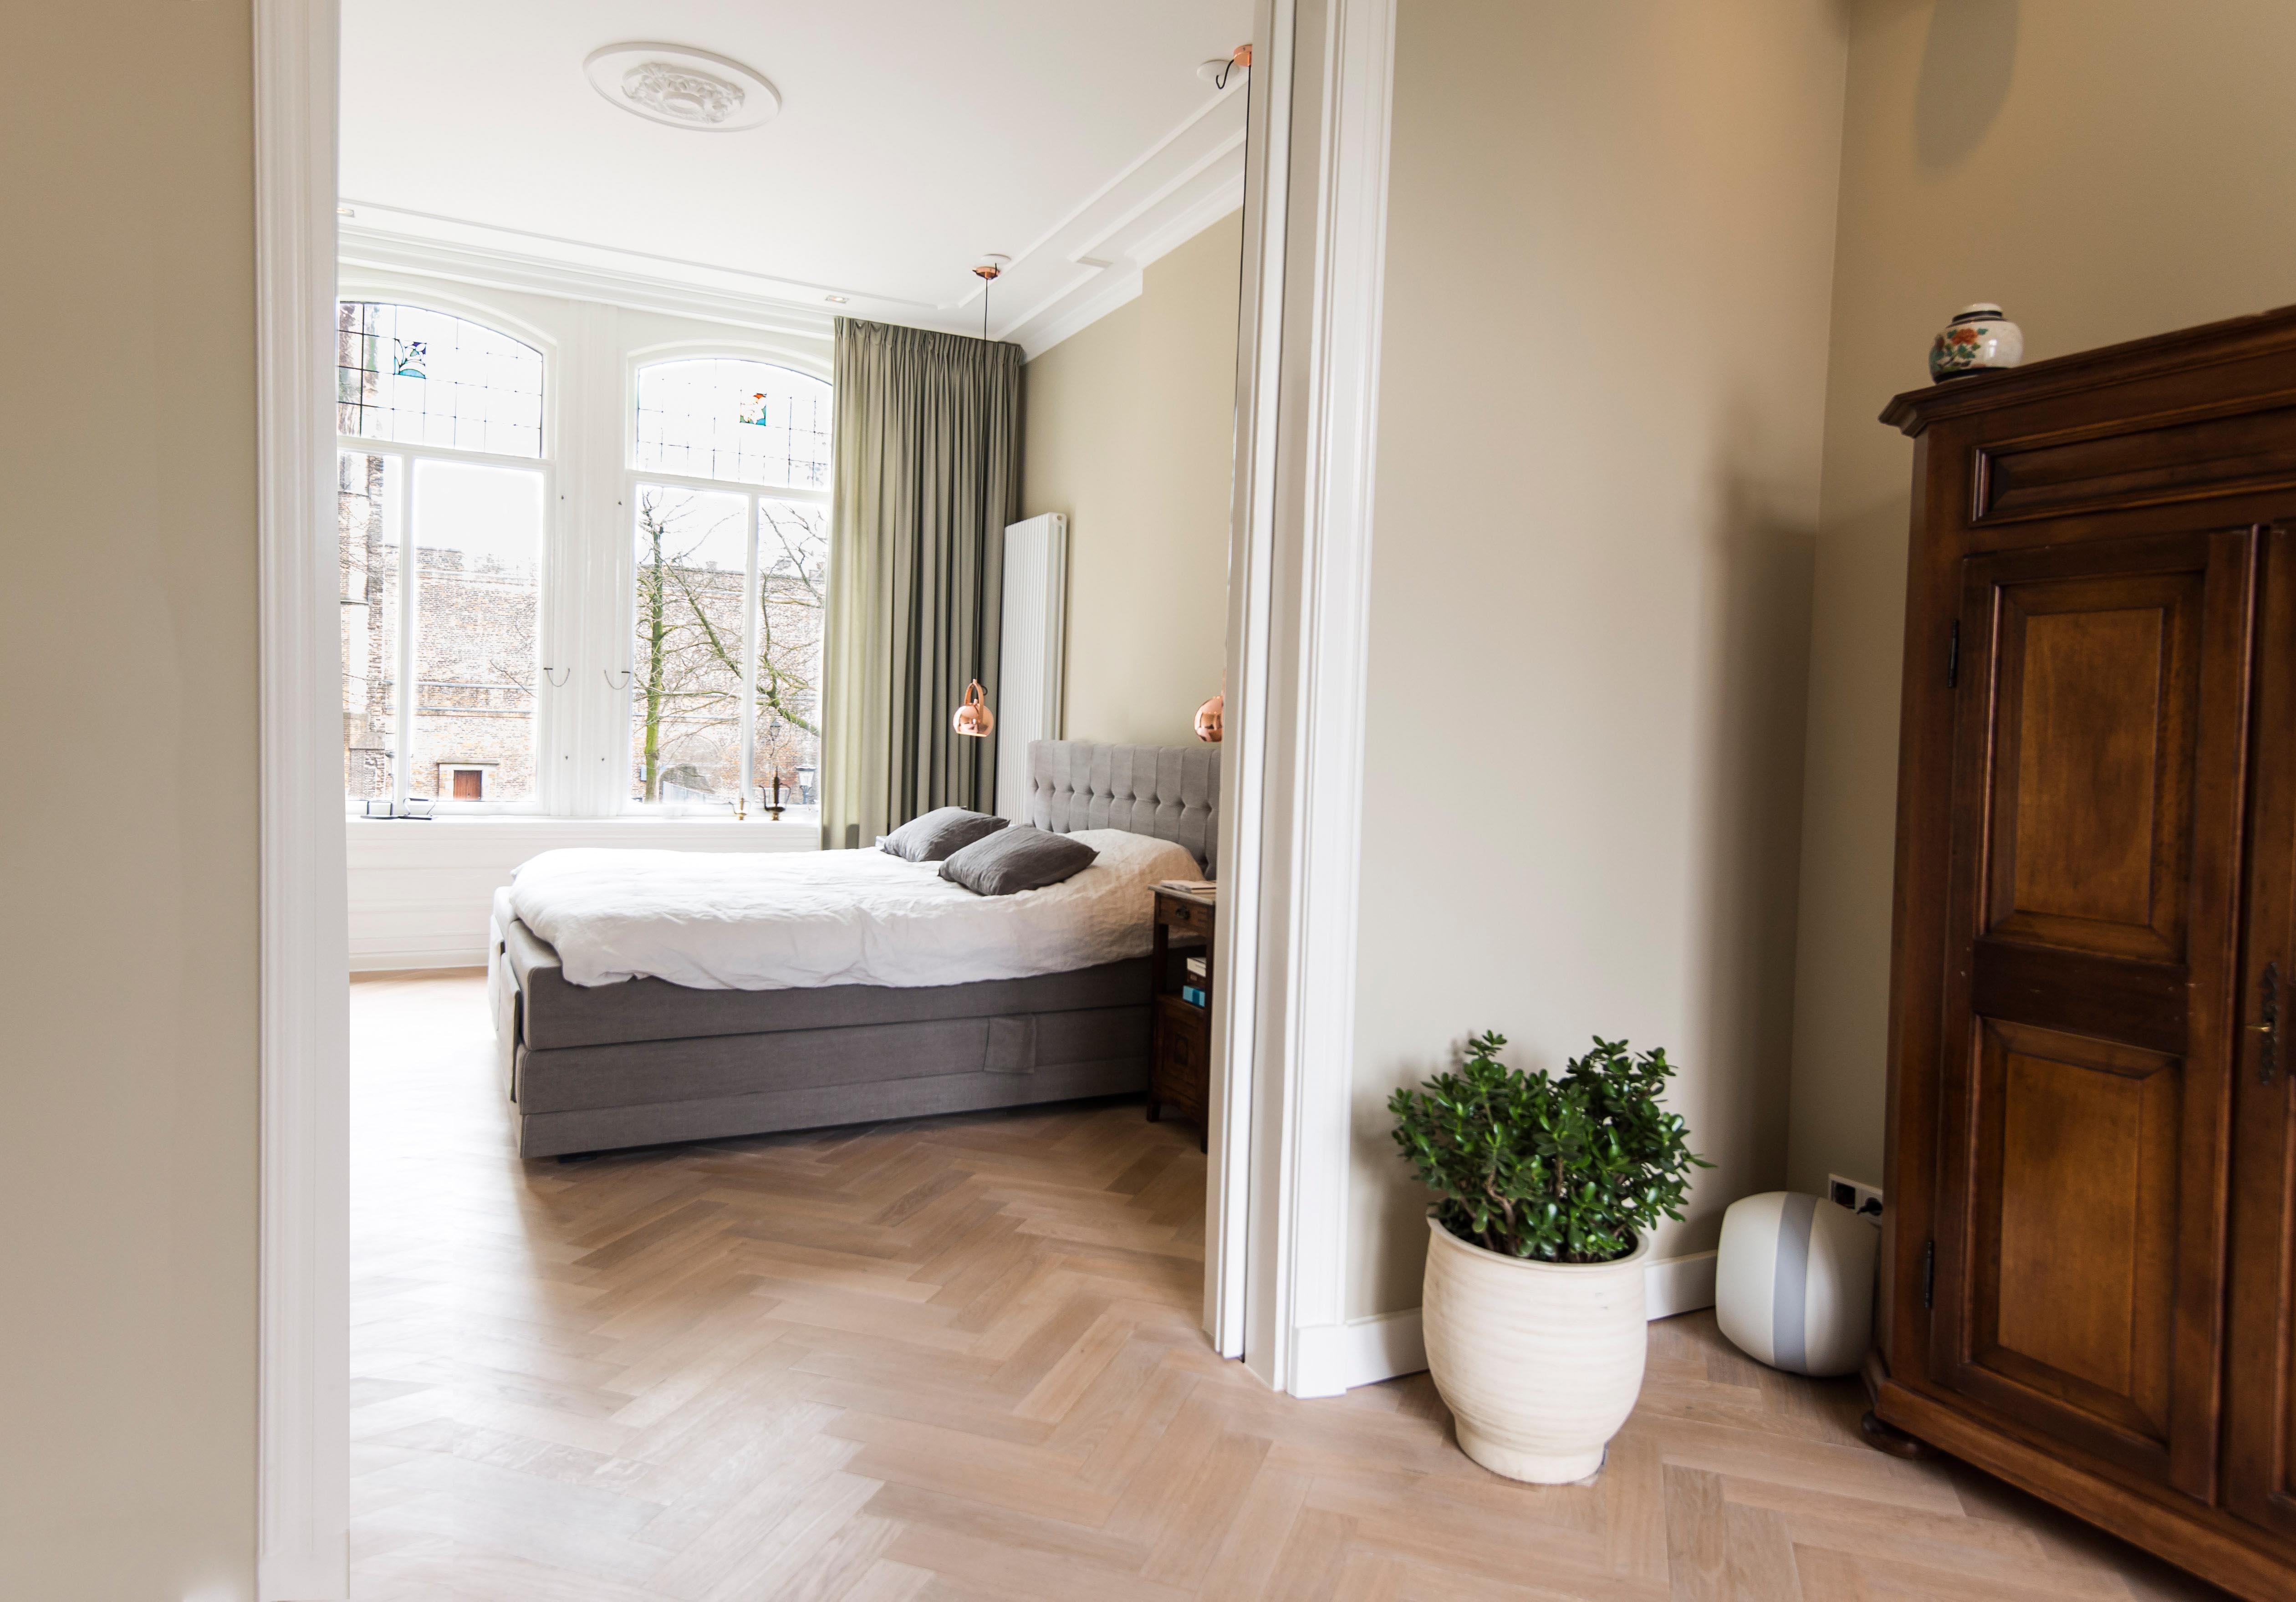 Private villa Utrecht – Ben van de Bunt